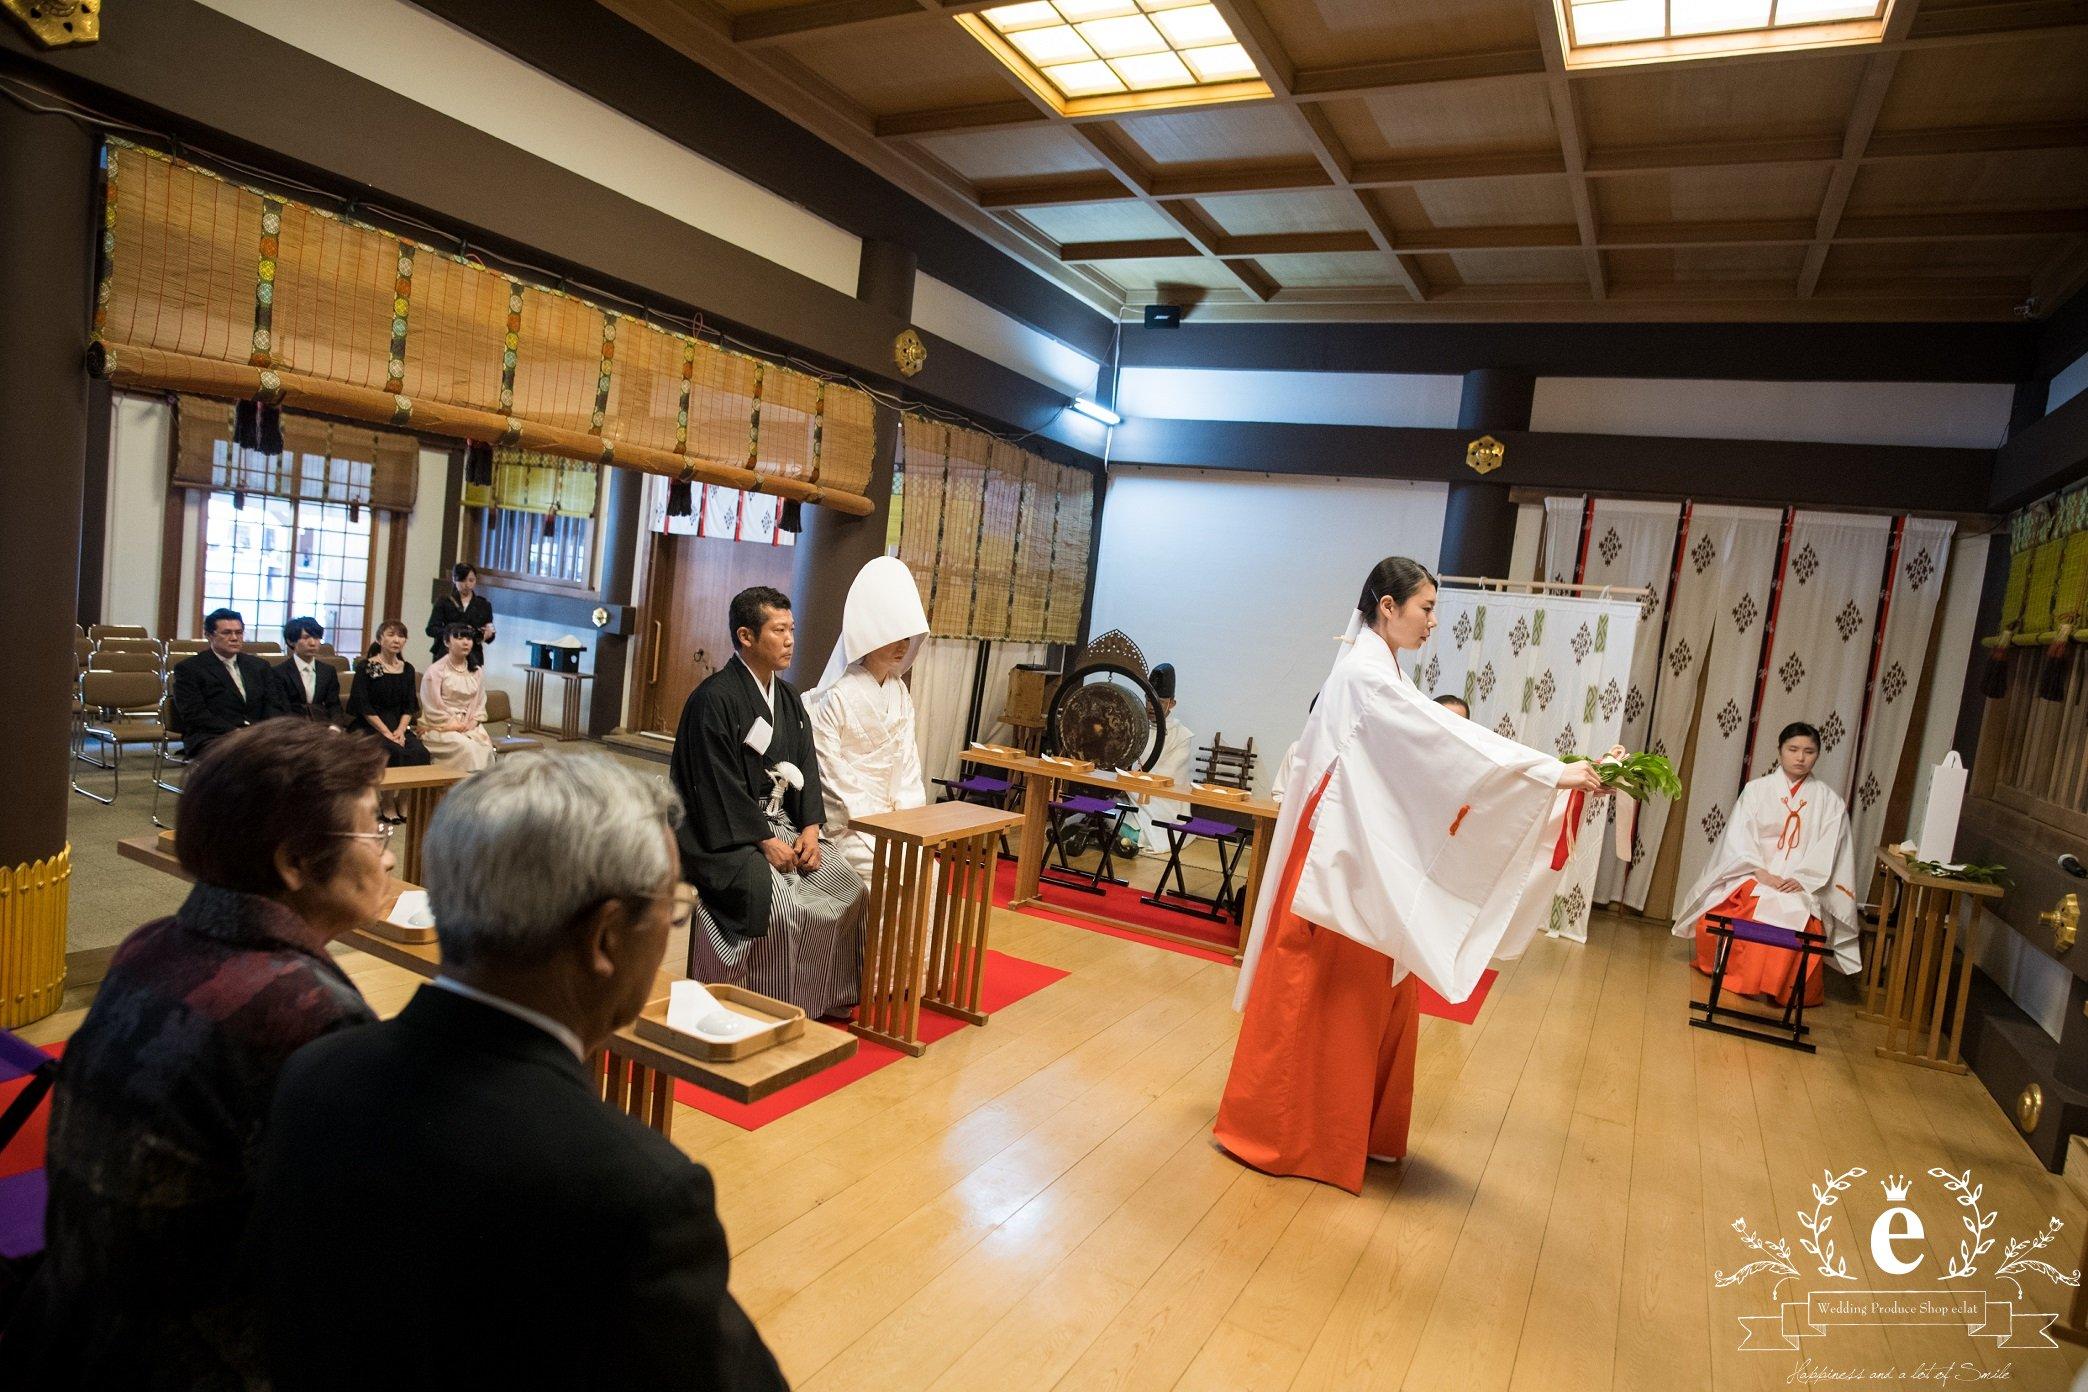 茨城-水戸-つくば-神社挙式-神前式-会食-披露宴-結婚式-常磐神社-とう粋庵-家族婚-エクラ